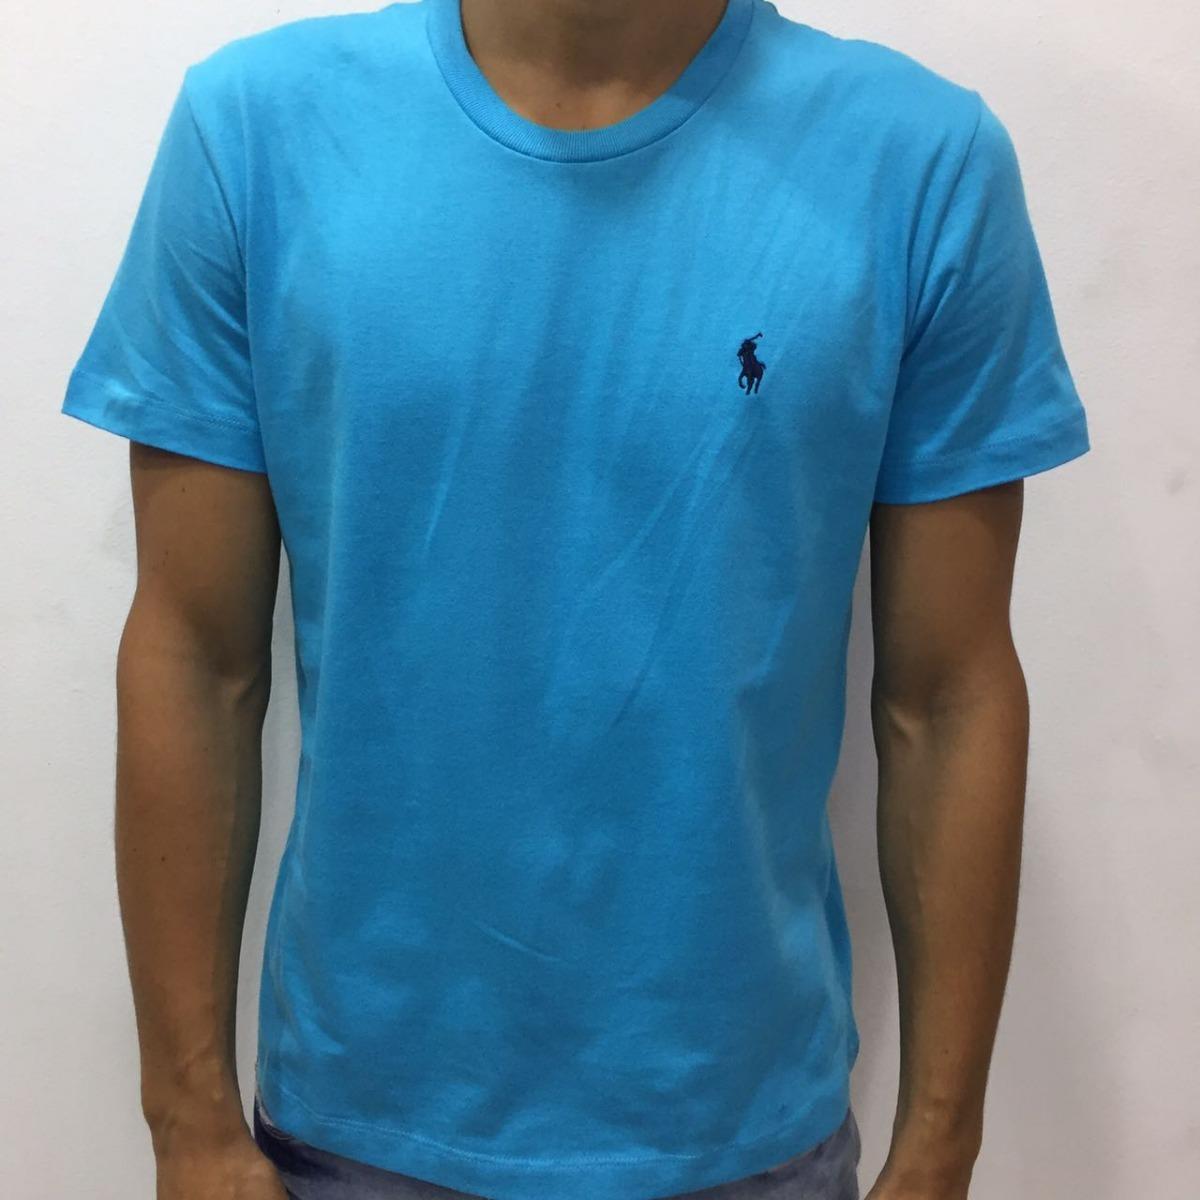 camiseta polo ralph lauren original promoção atacado revenda. Carregando  zoom. be785167784